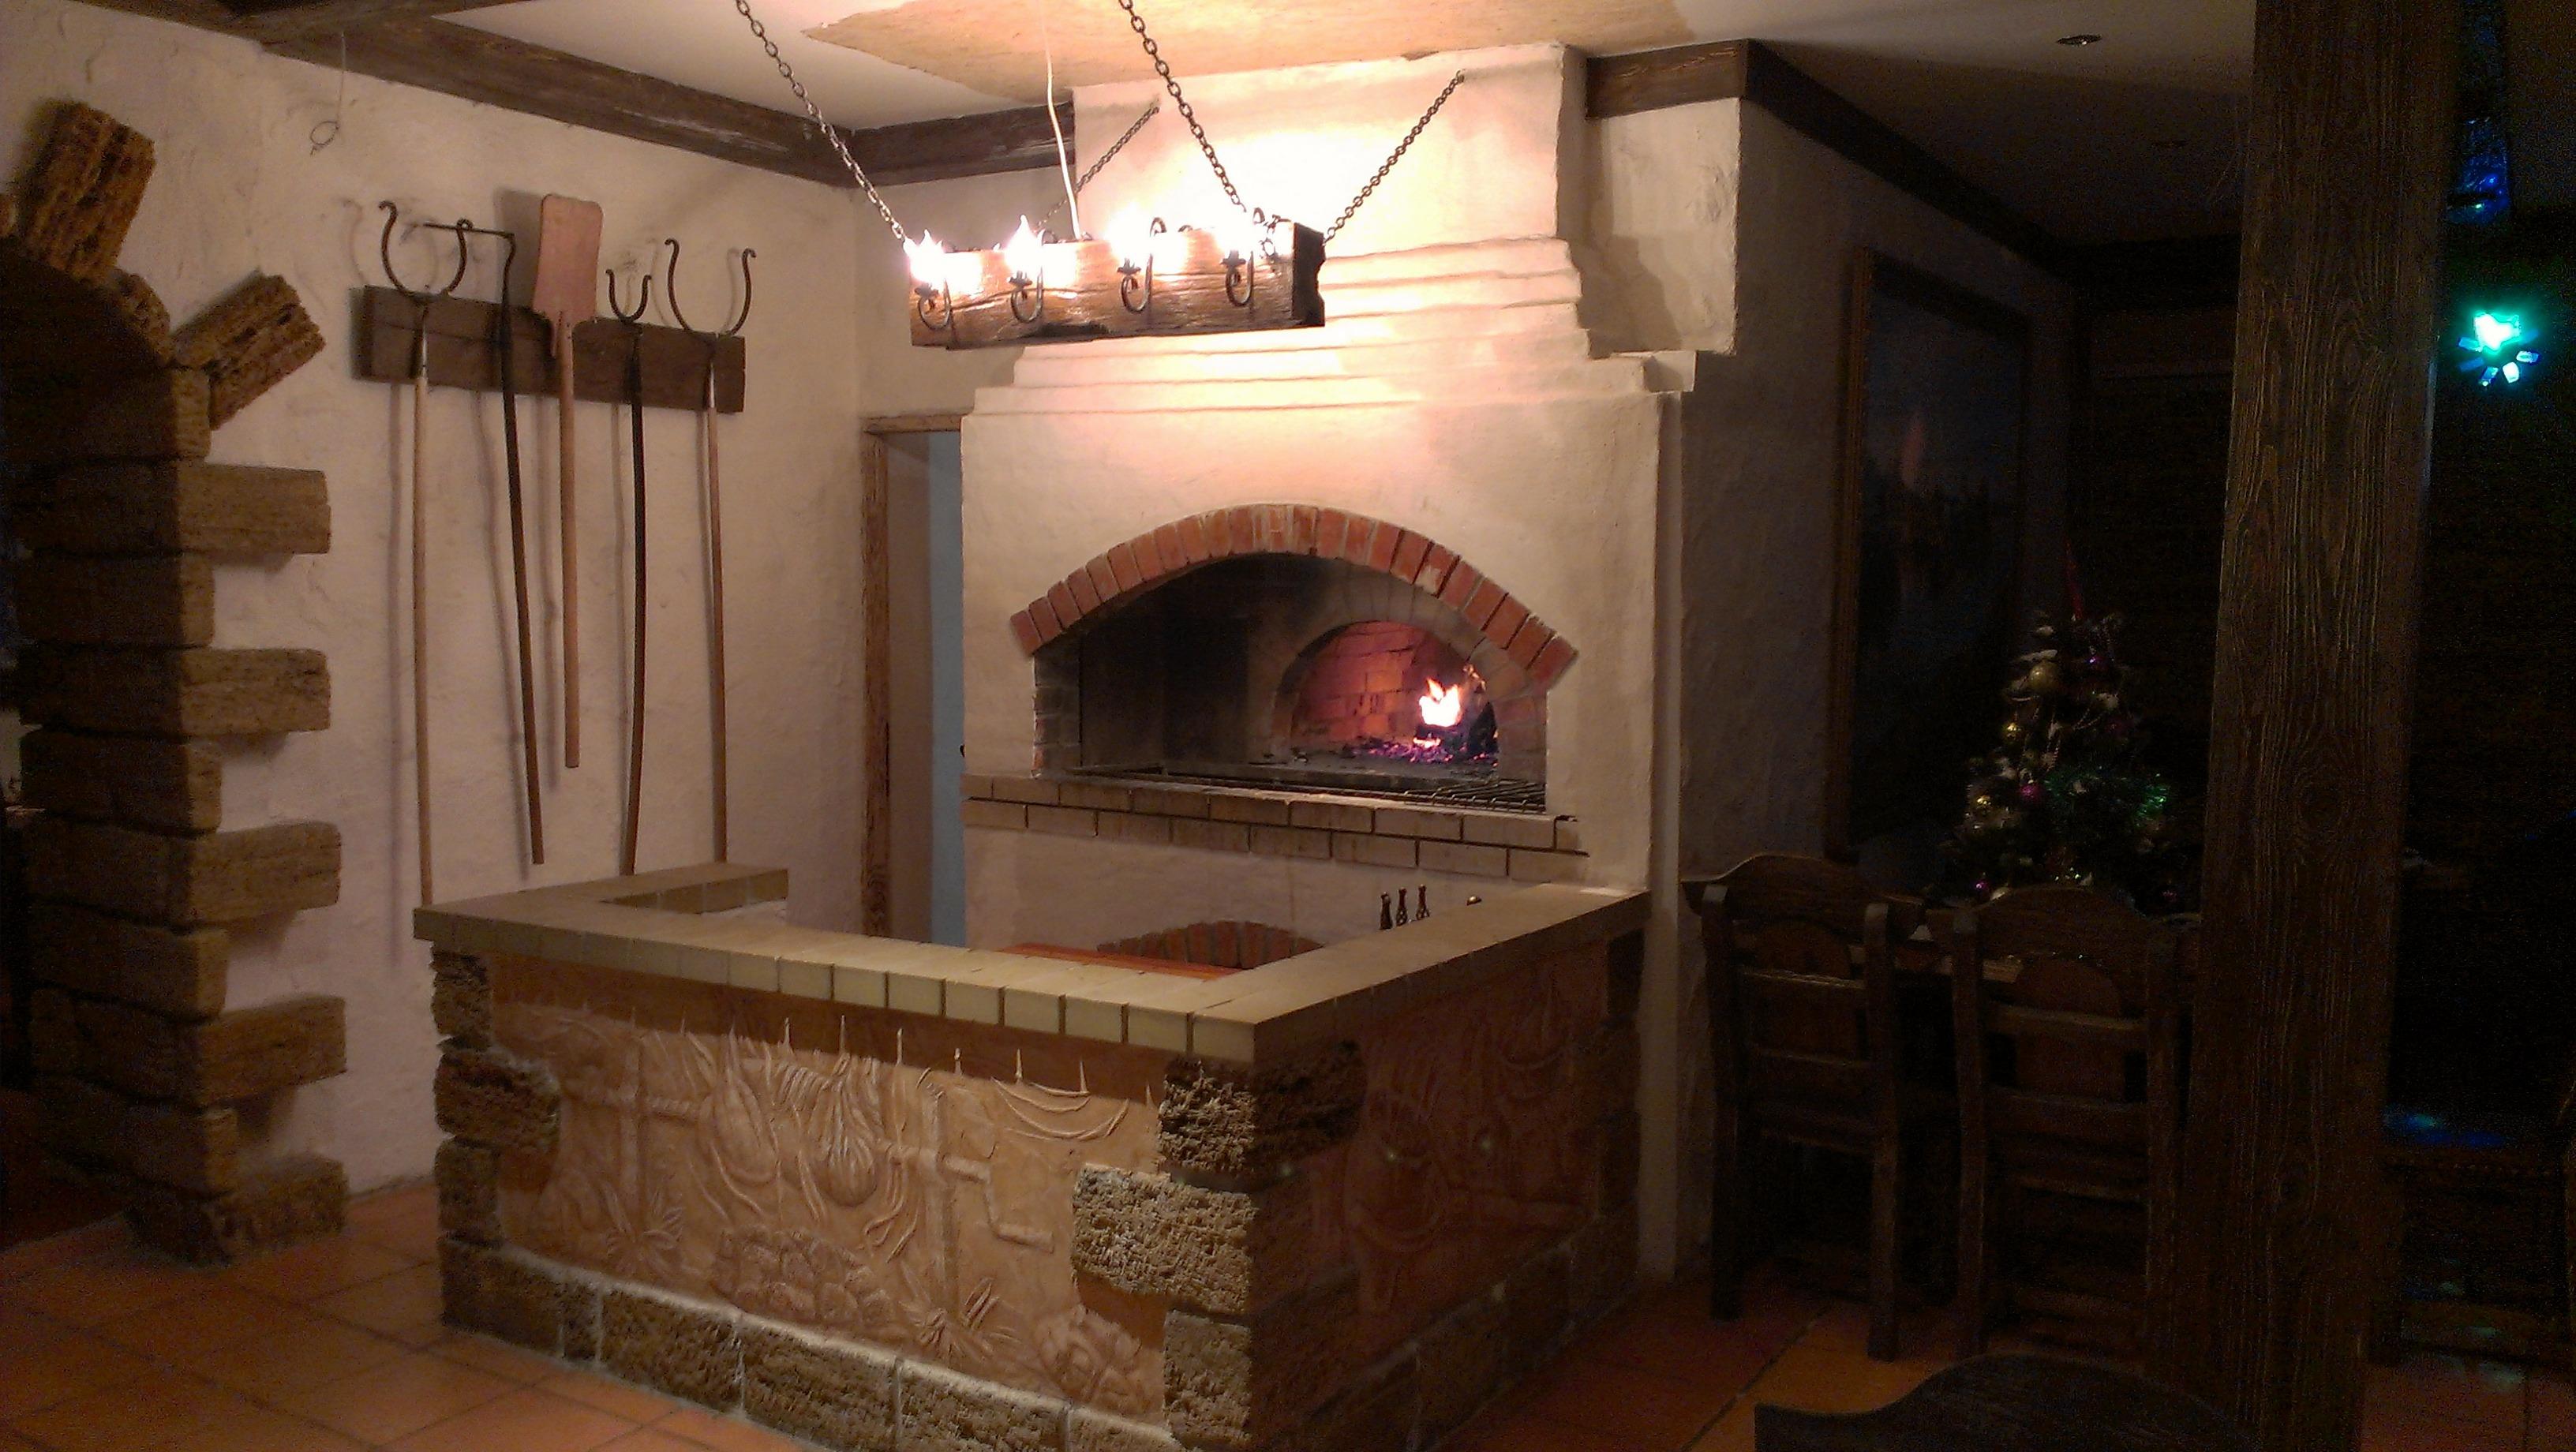 kostenlose foto cafe holz haus zuhause h tte kamin zimmer feuerstelle mauerwerk. Black Bedroom Furniture Sets. Home Design Ideas